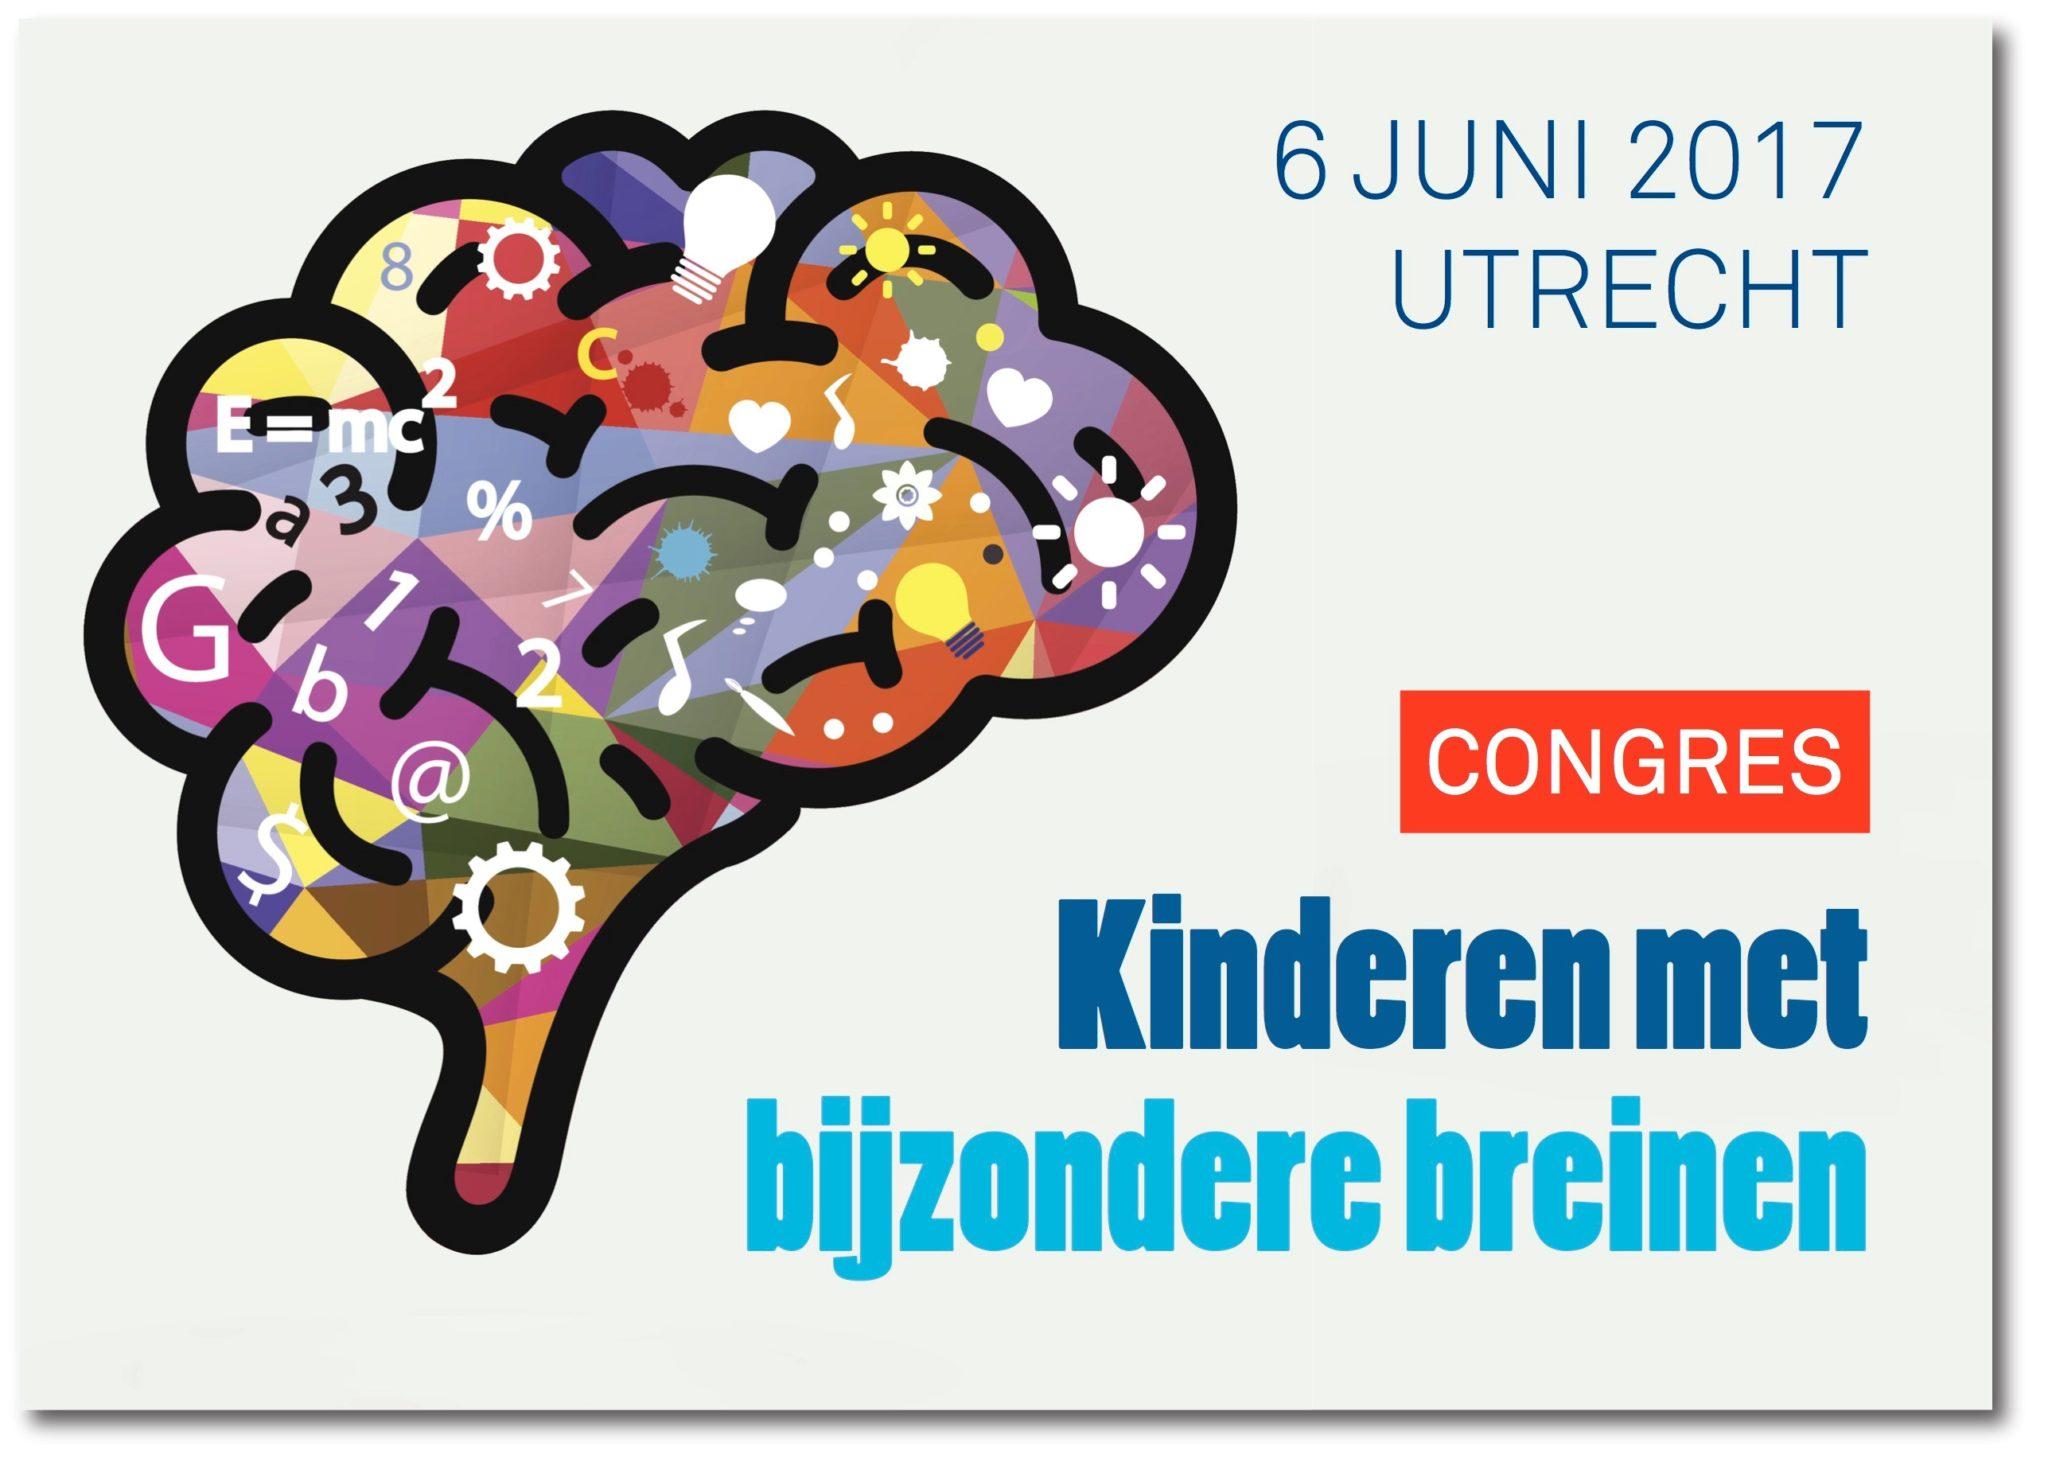 Congres Kinderen met bijzondere breinen